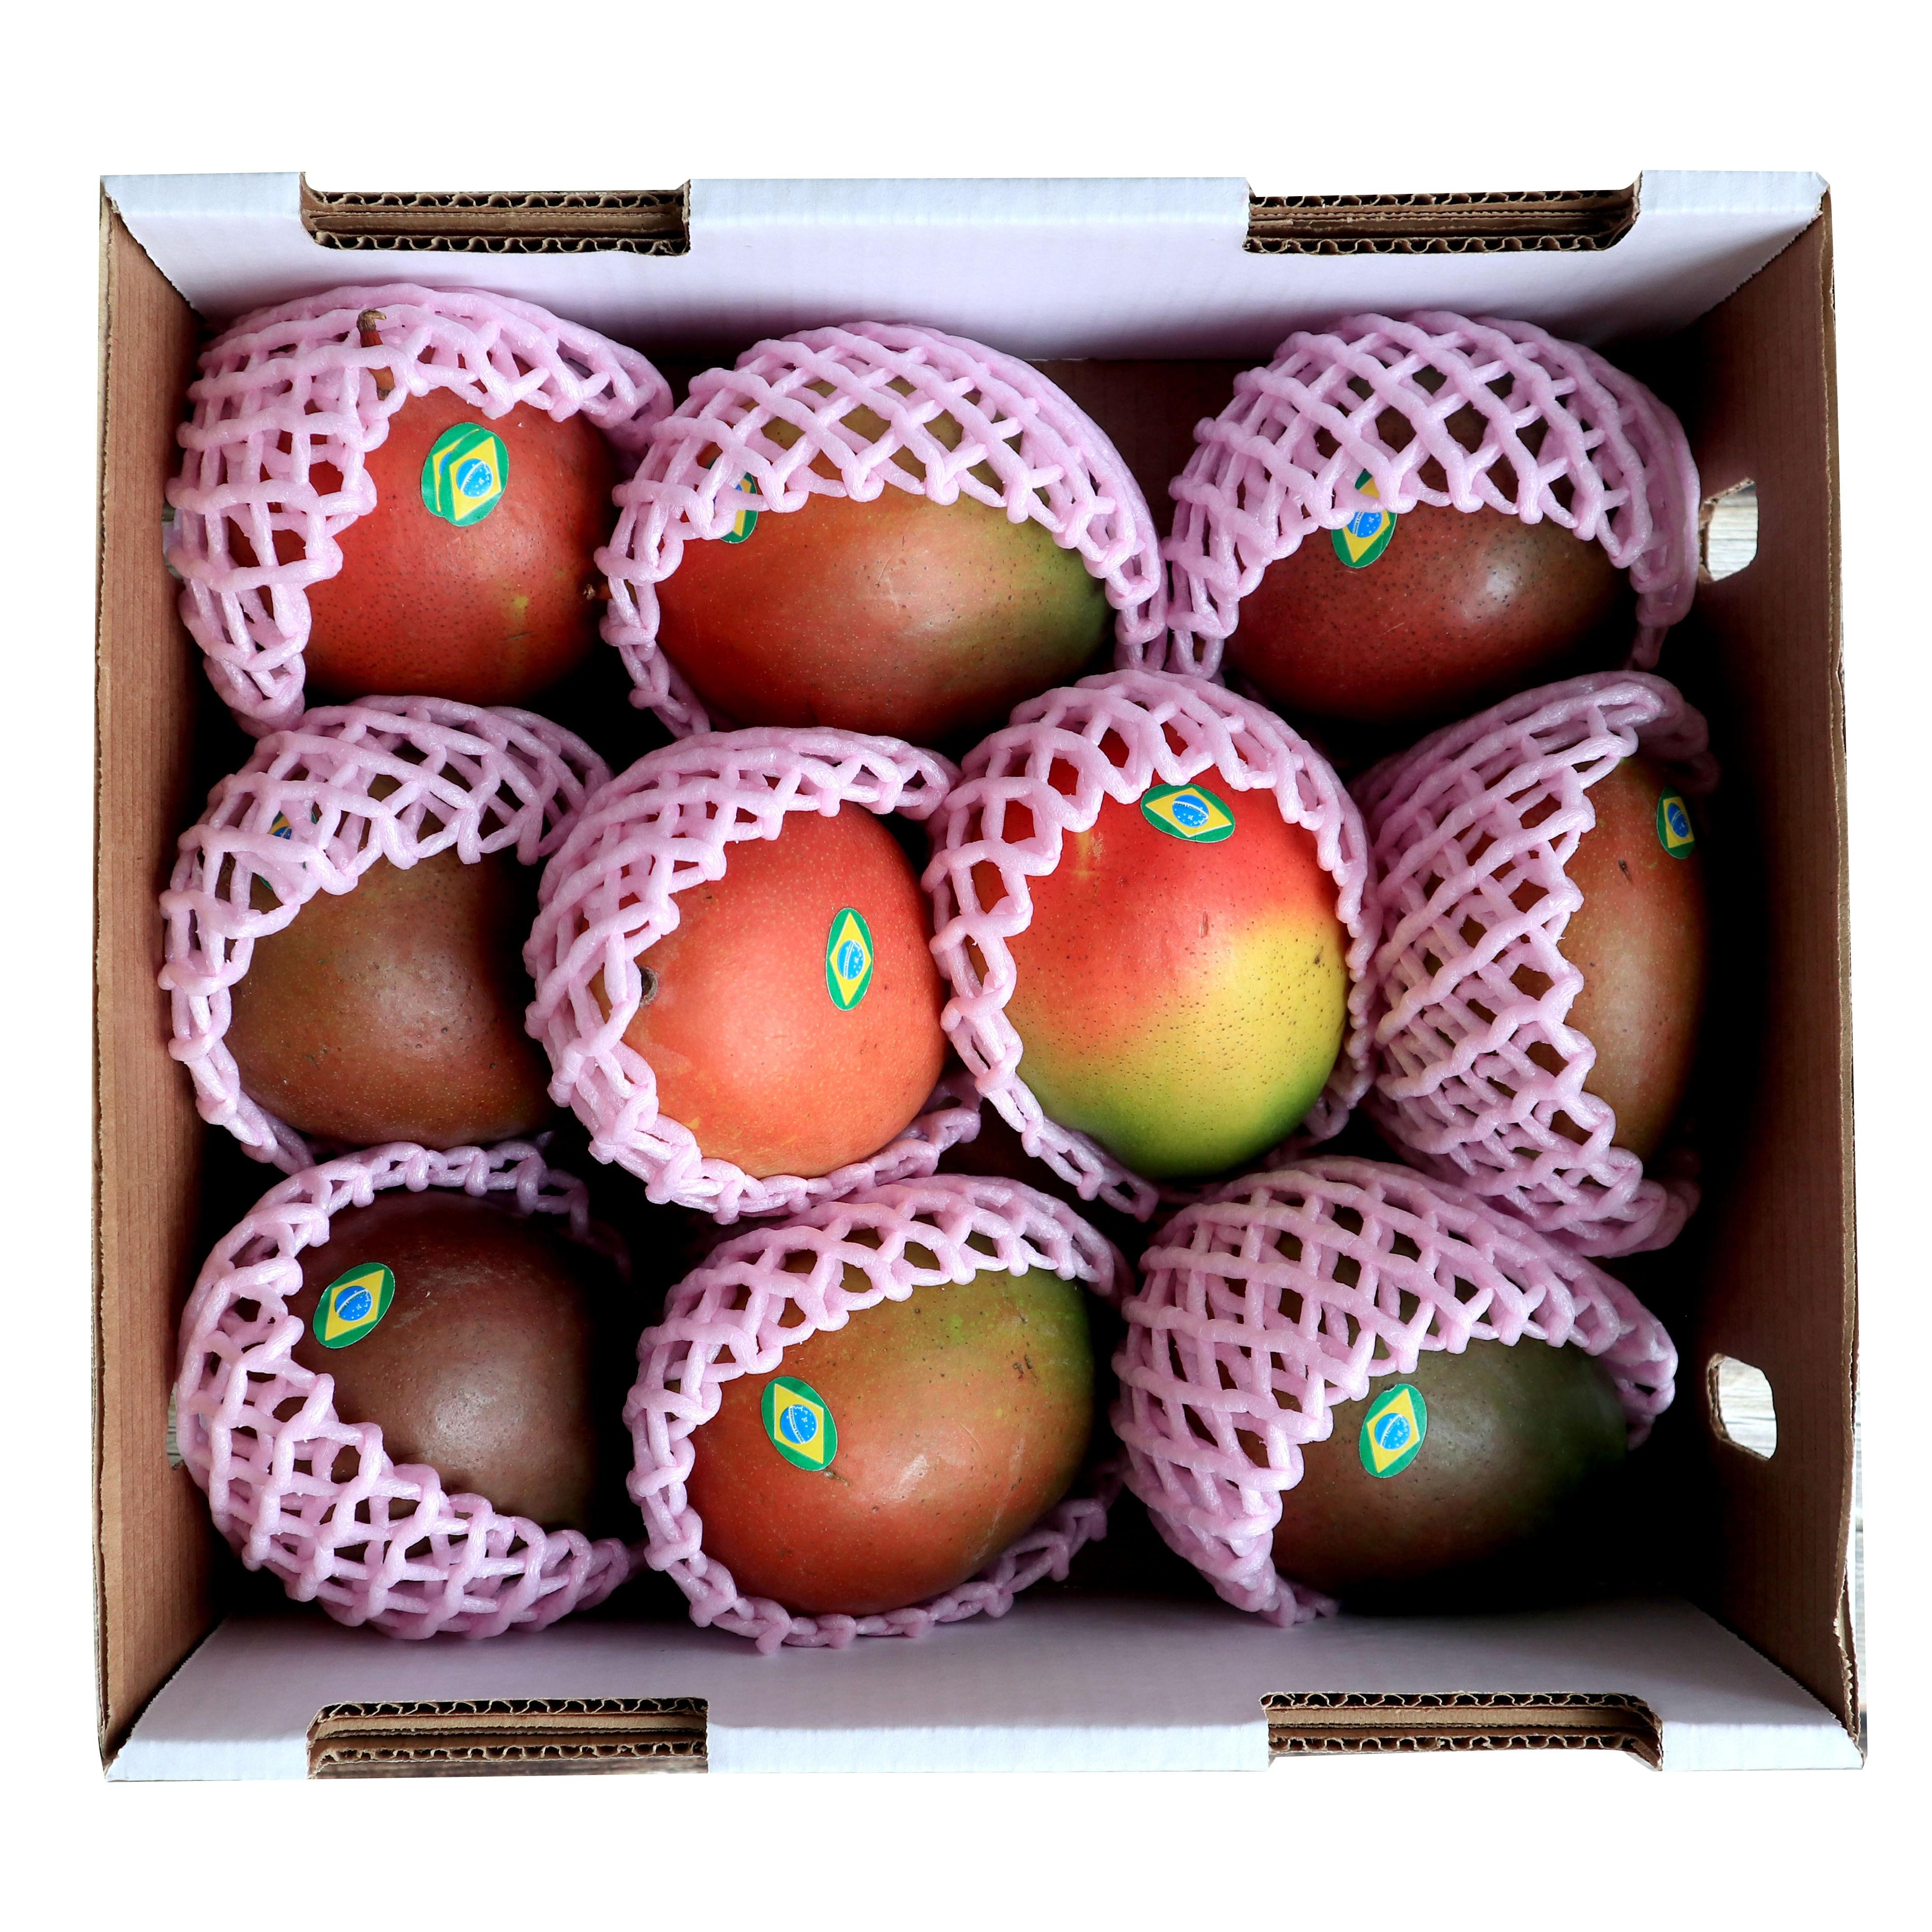 애플망고 선물세트 4kg / 6과 /9과 12과/태국망고혼합, 1. 브라질 애플망고 4kg 8~12과